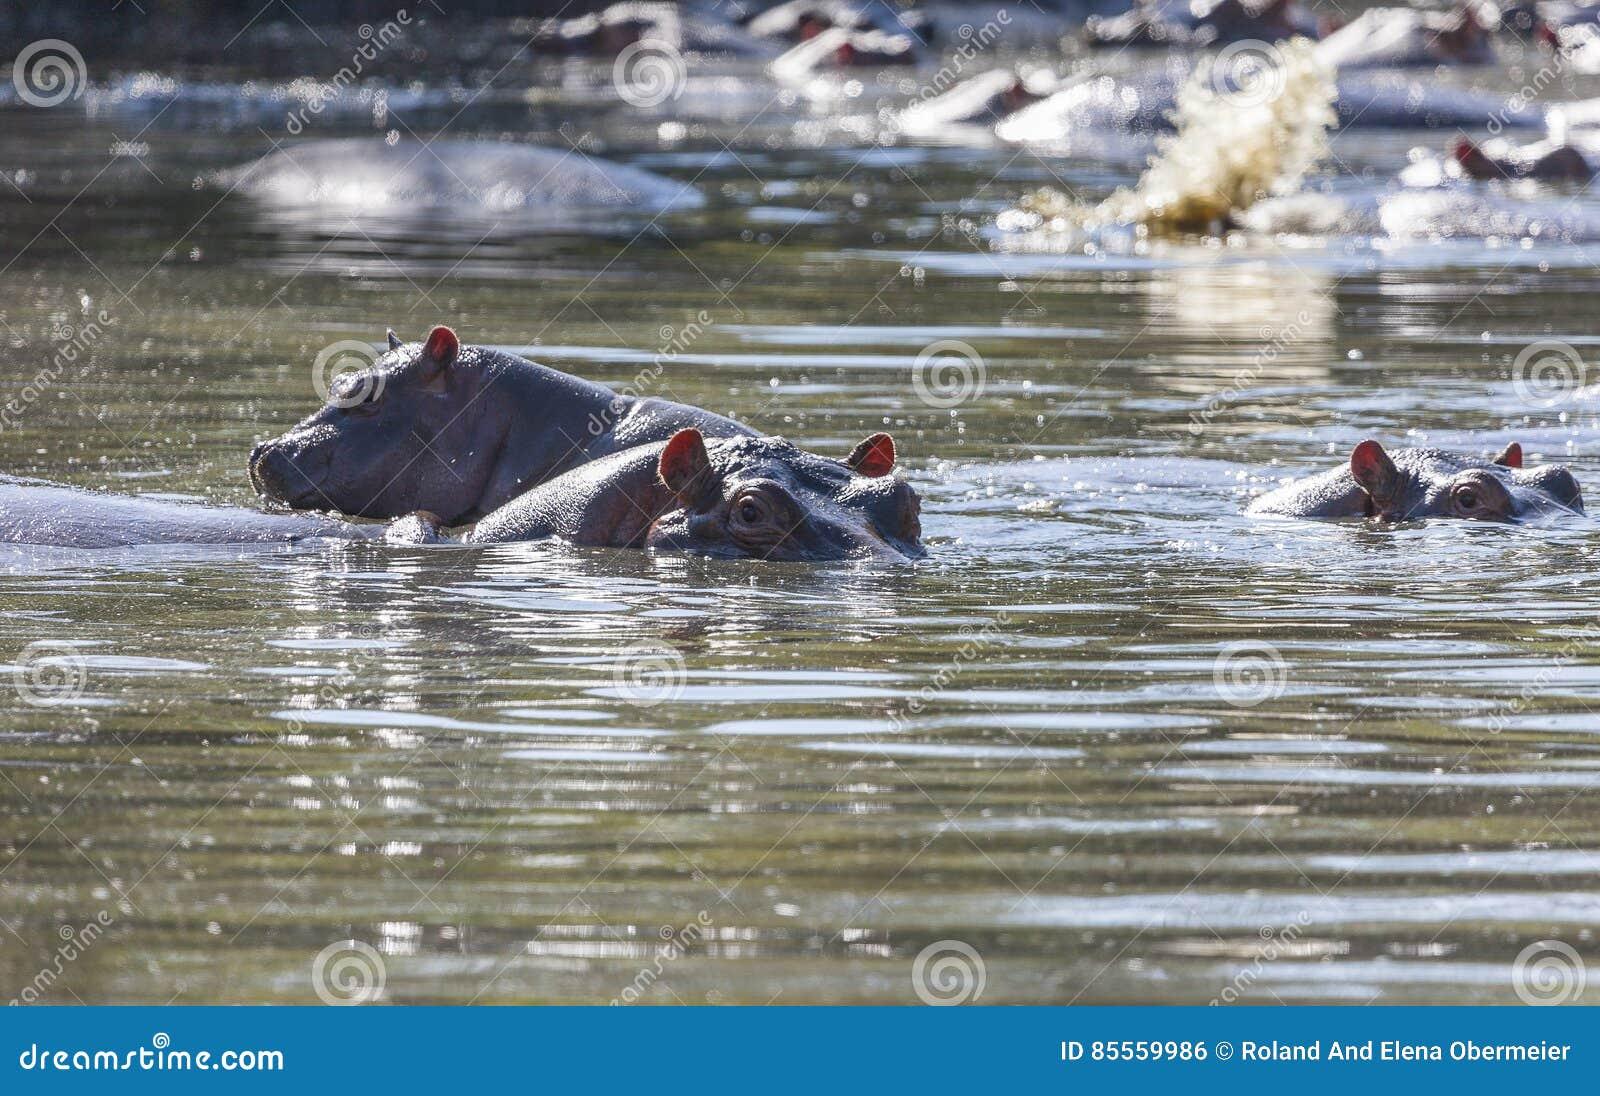 Flusspferde in einem waterhole des Serengeti